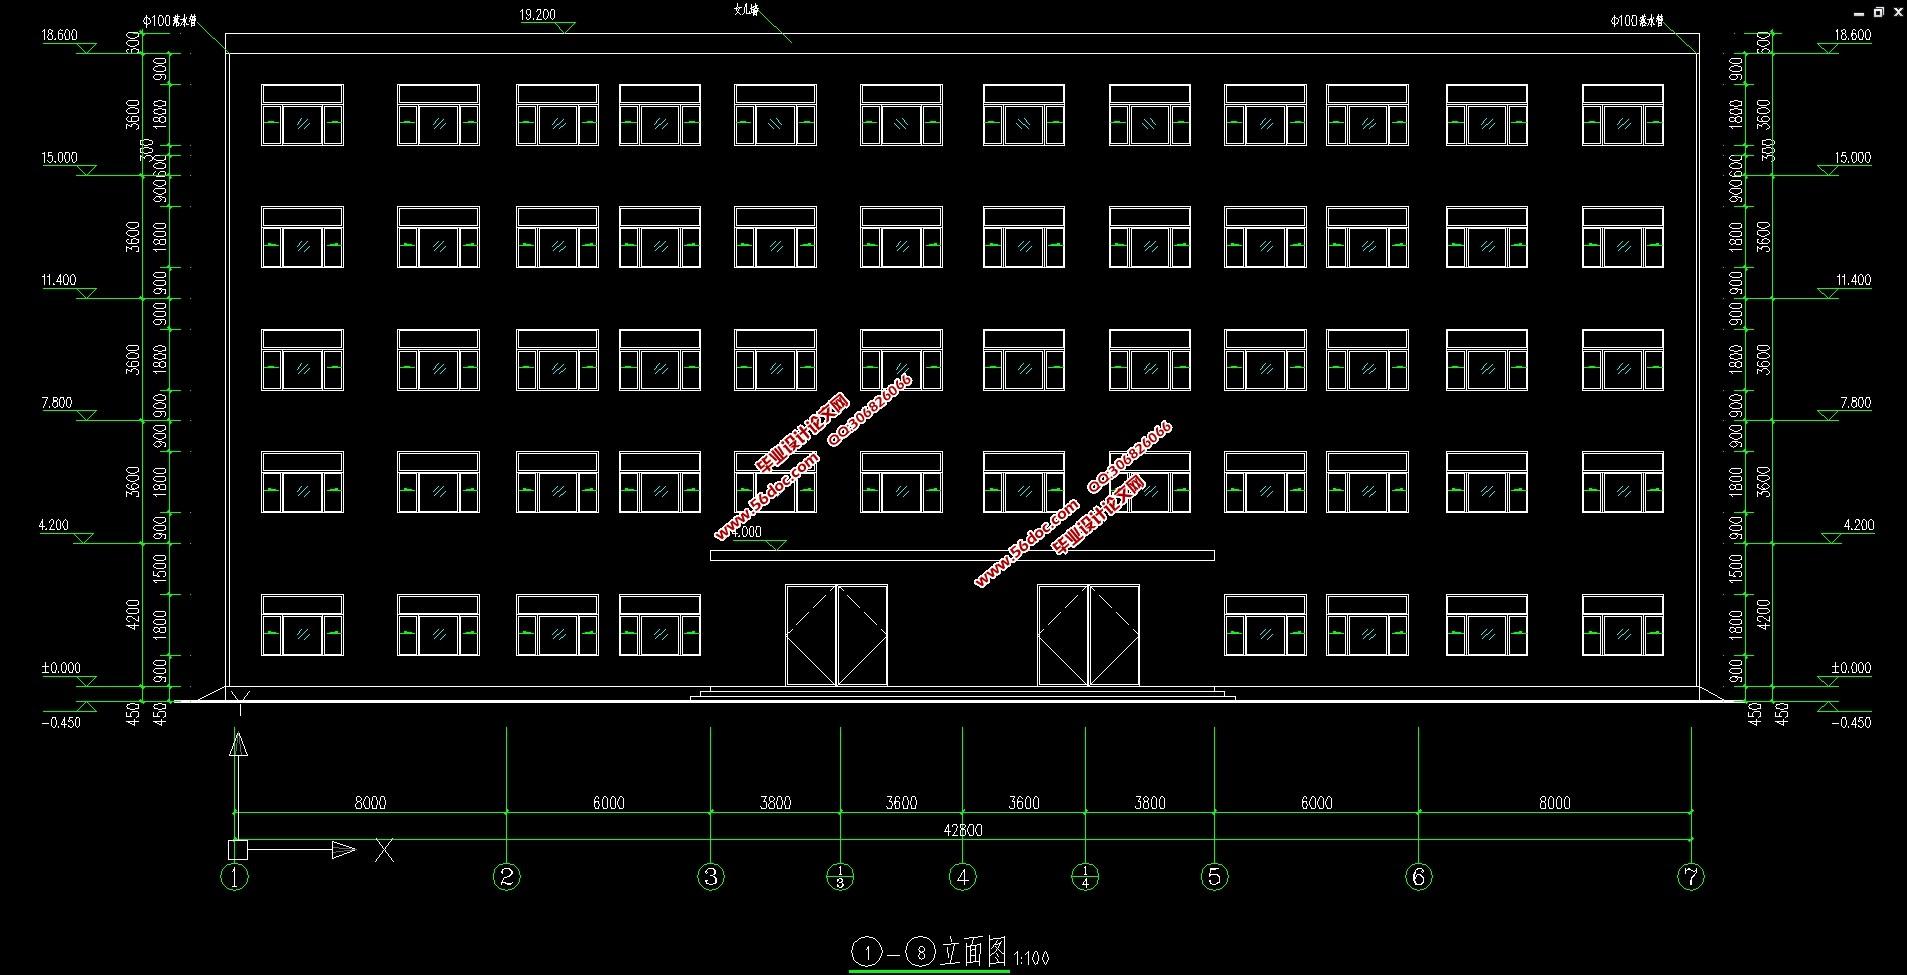 图9张,结构图10张) 1.1 设计原始资料 1.1.1 工程概况 该工程主体为现浇钢筋混凝土框架结构,建筑面积4005.0,建筑物共5层,底层层高4.2m,标准层层高3.60m,顶层层高3.60m,总高度18.6m,室内外高差0.450m 该办公楼拥有门厅、办公室、会议室、厕所等。楼内设有2台电梯2个楼梯,楼梯的布置均符合消防、抗震的要求。 1.